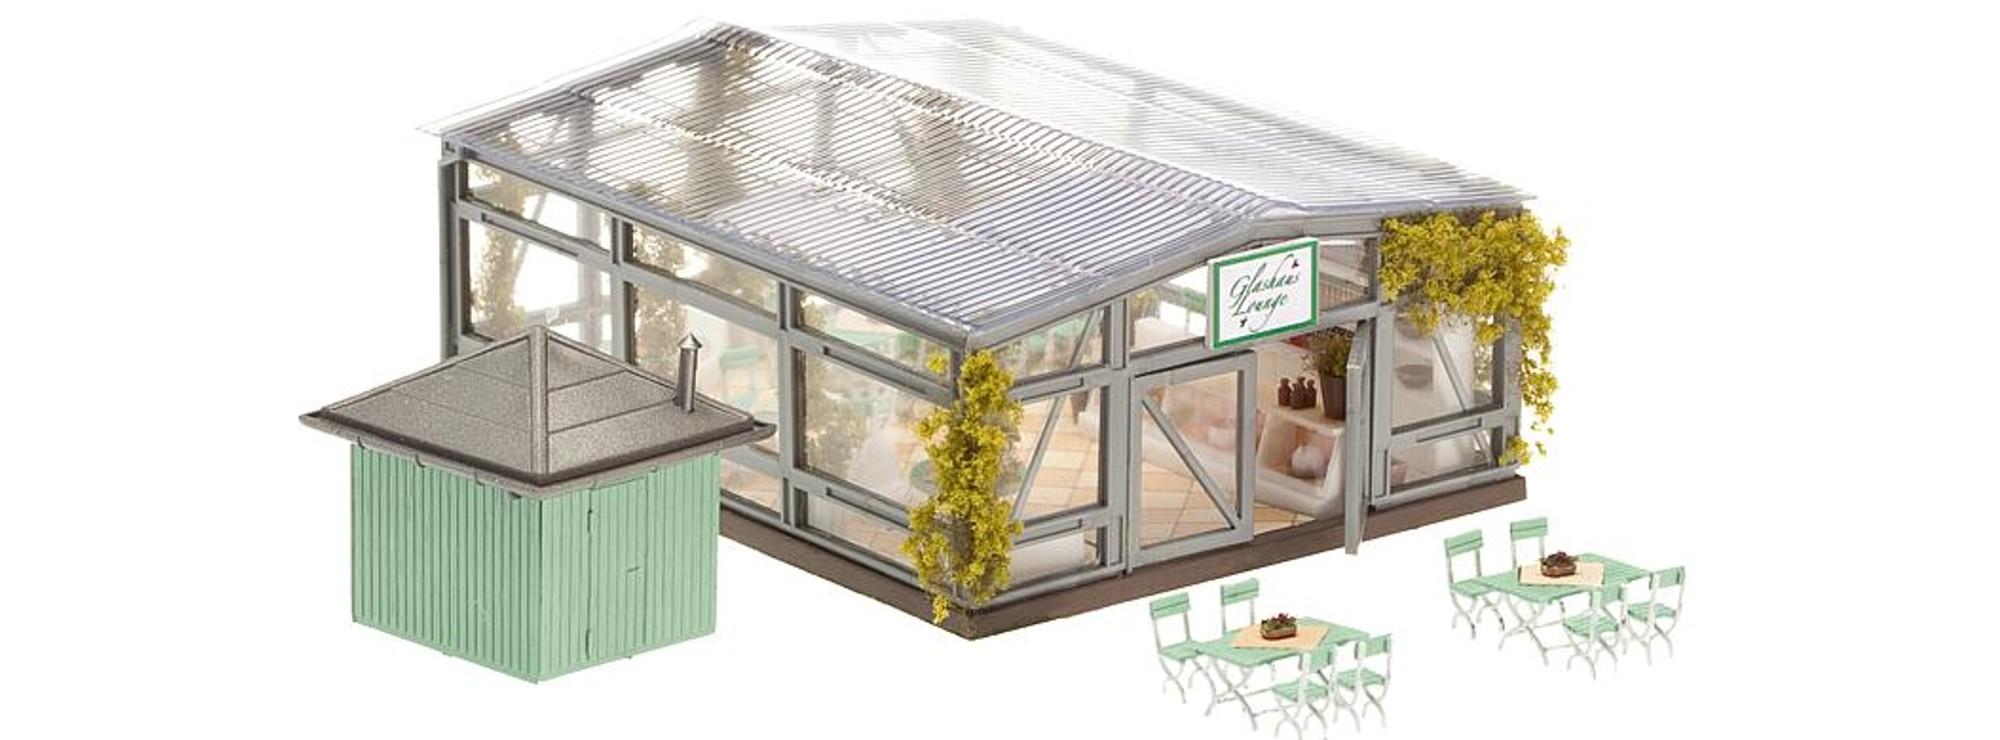 Ausverkauft Faller 130509 Bistro Wintergarten Bausatz Spur H0